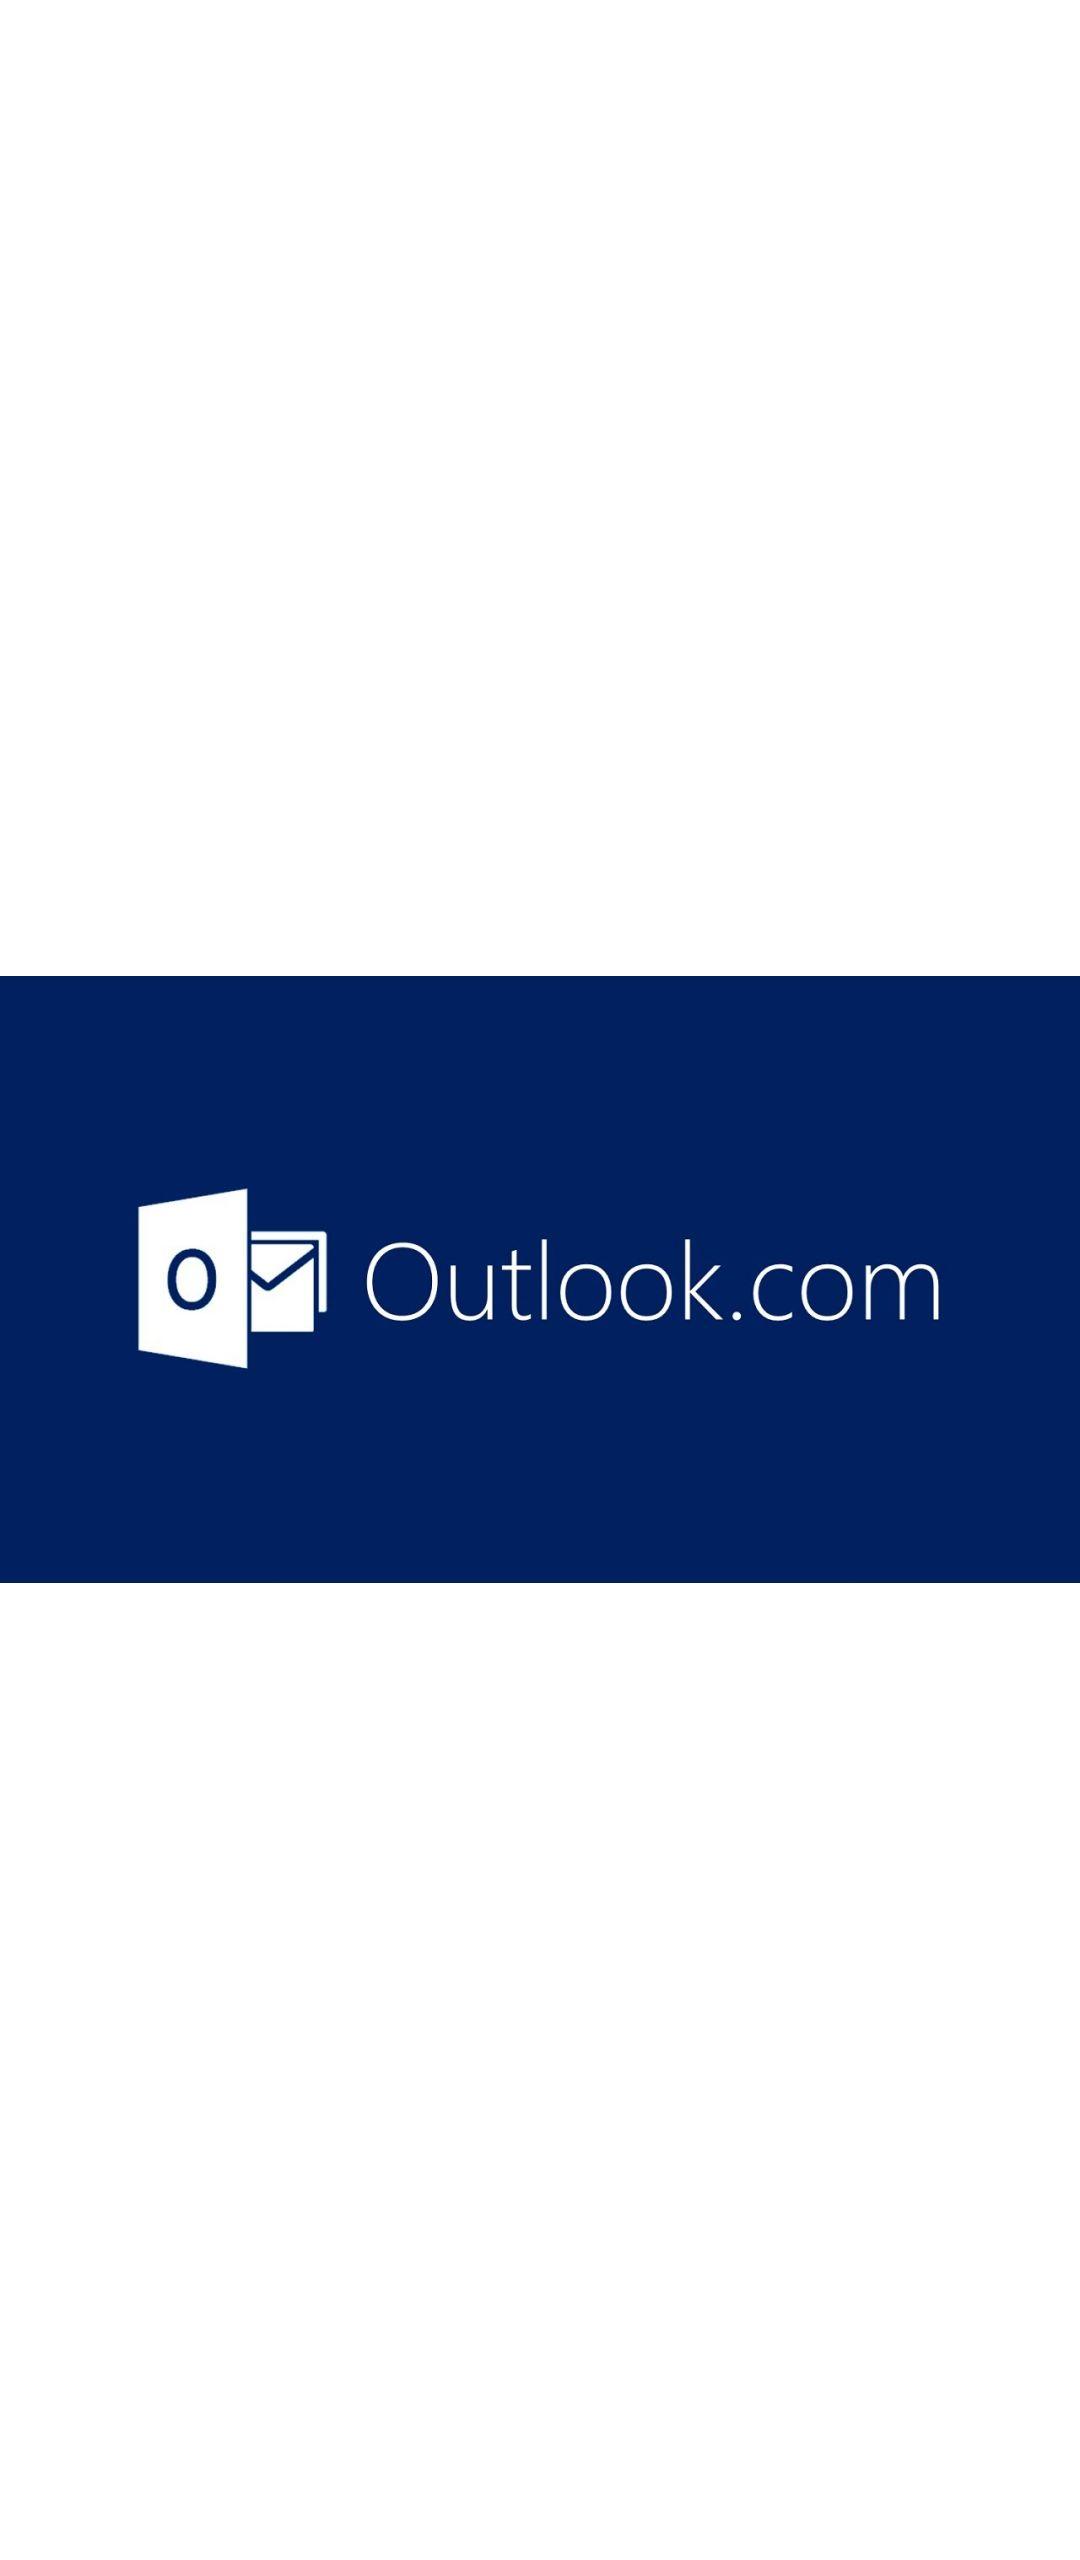 Outlook.com añade soporte para archivos de Google Docs en web